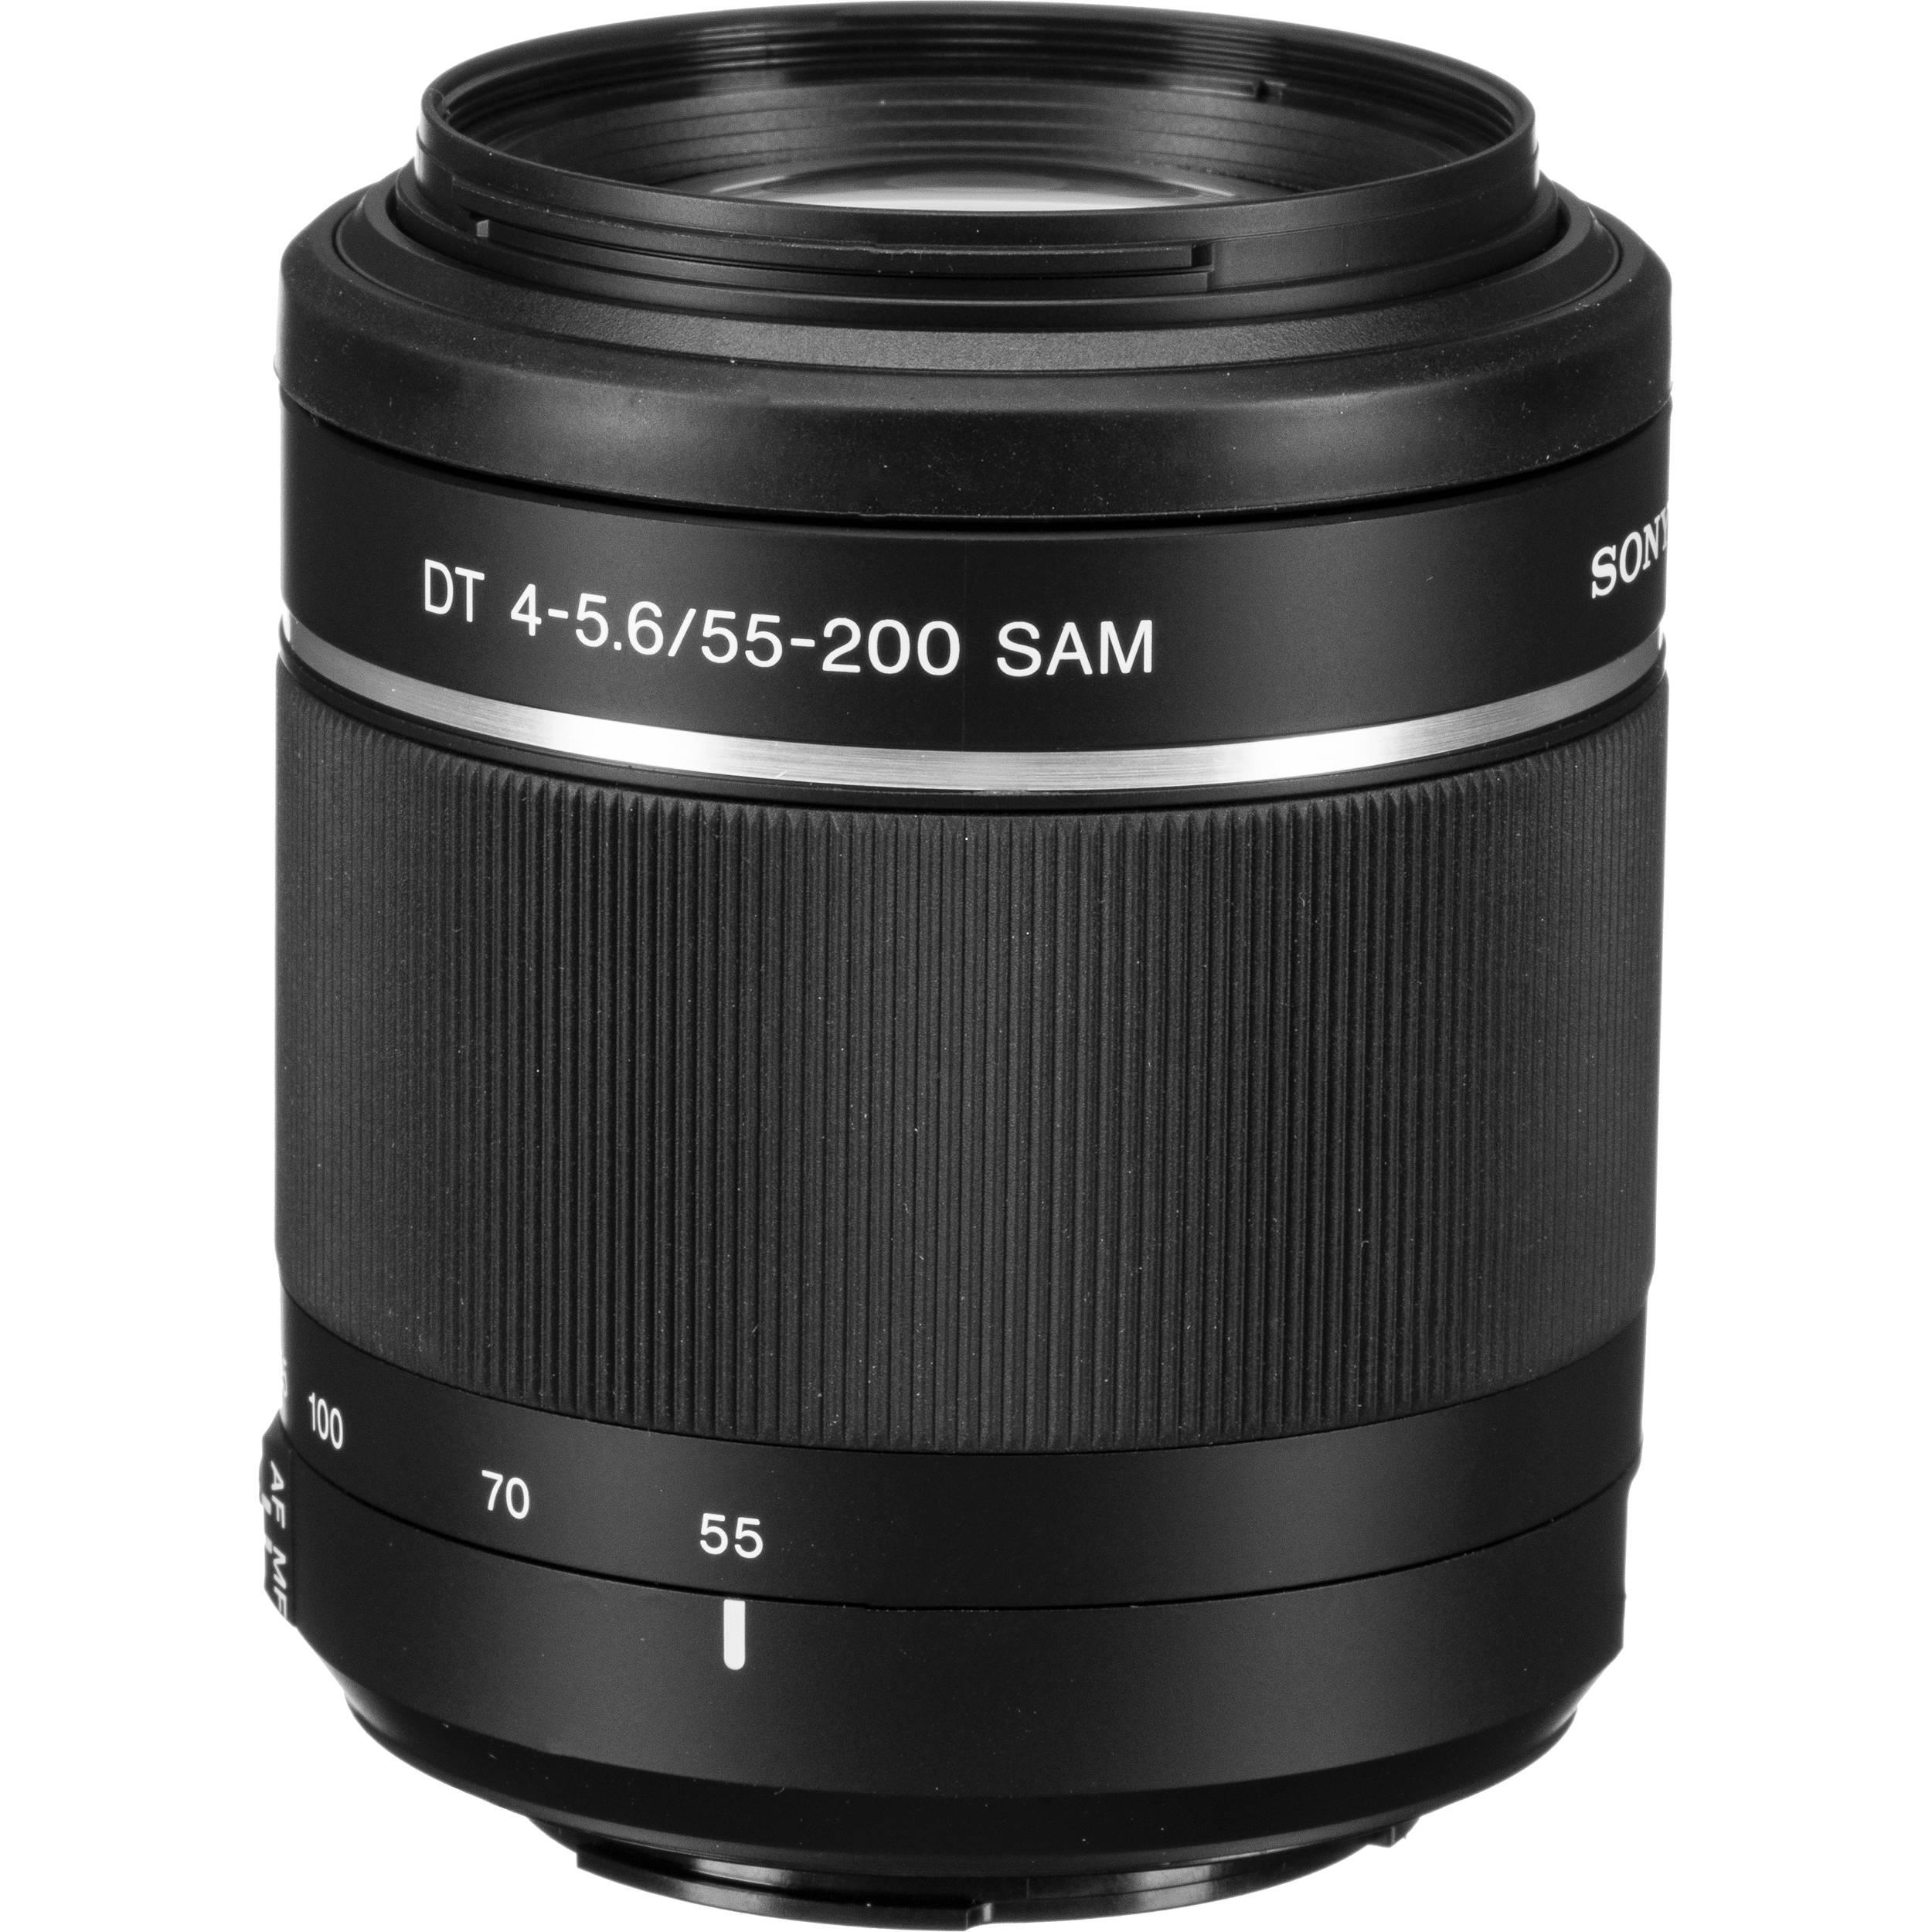 Sony ALC-SH102 Lens Hood for Sony SAL55200 Lens